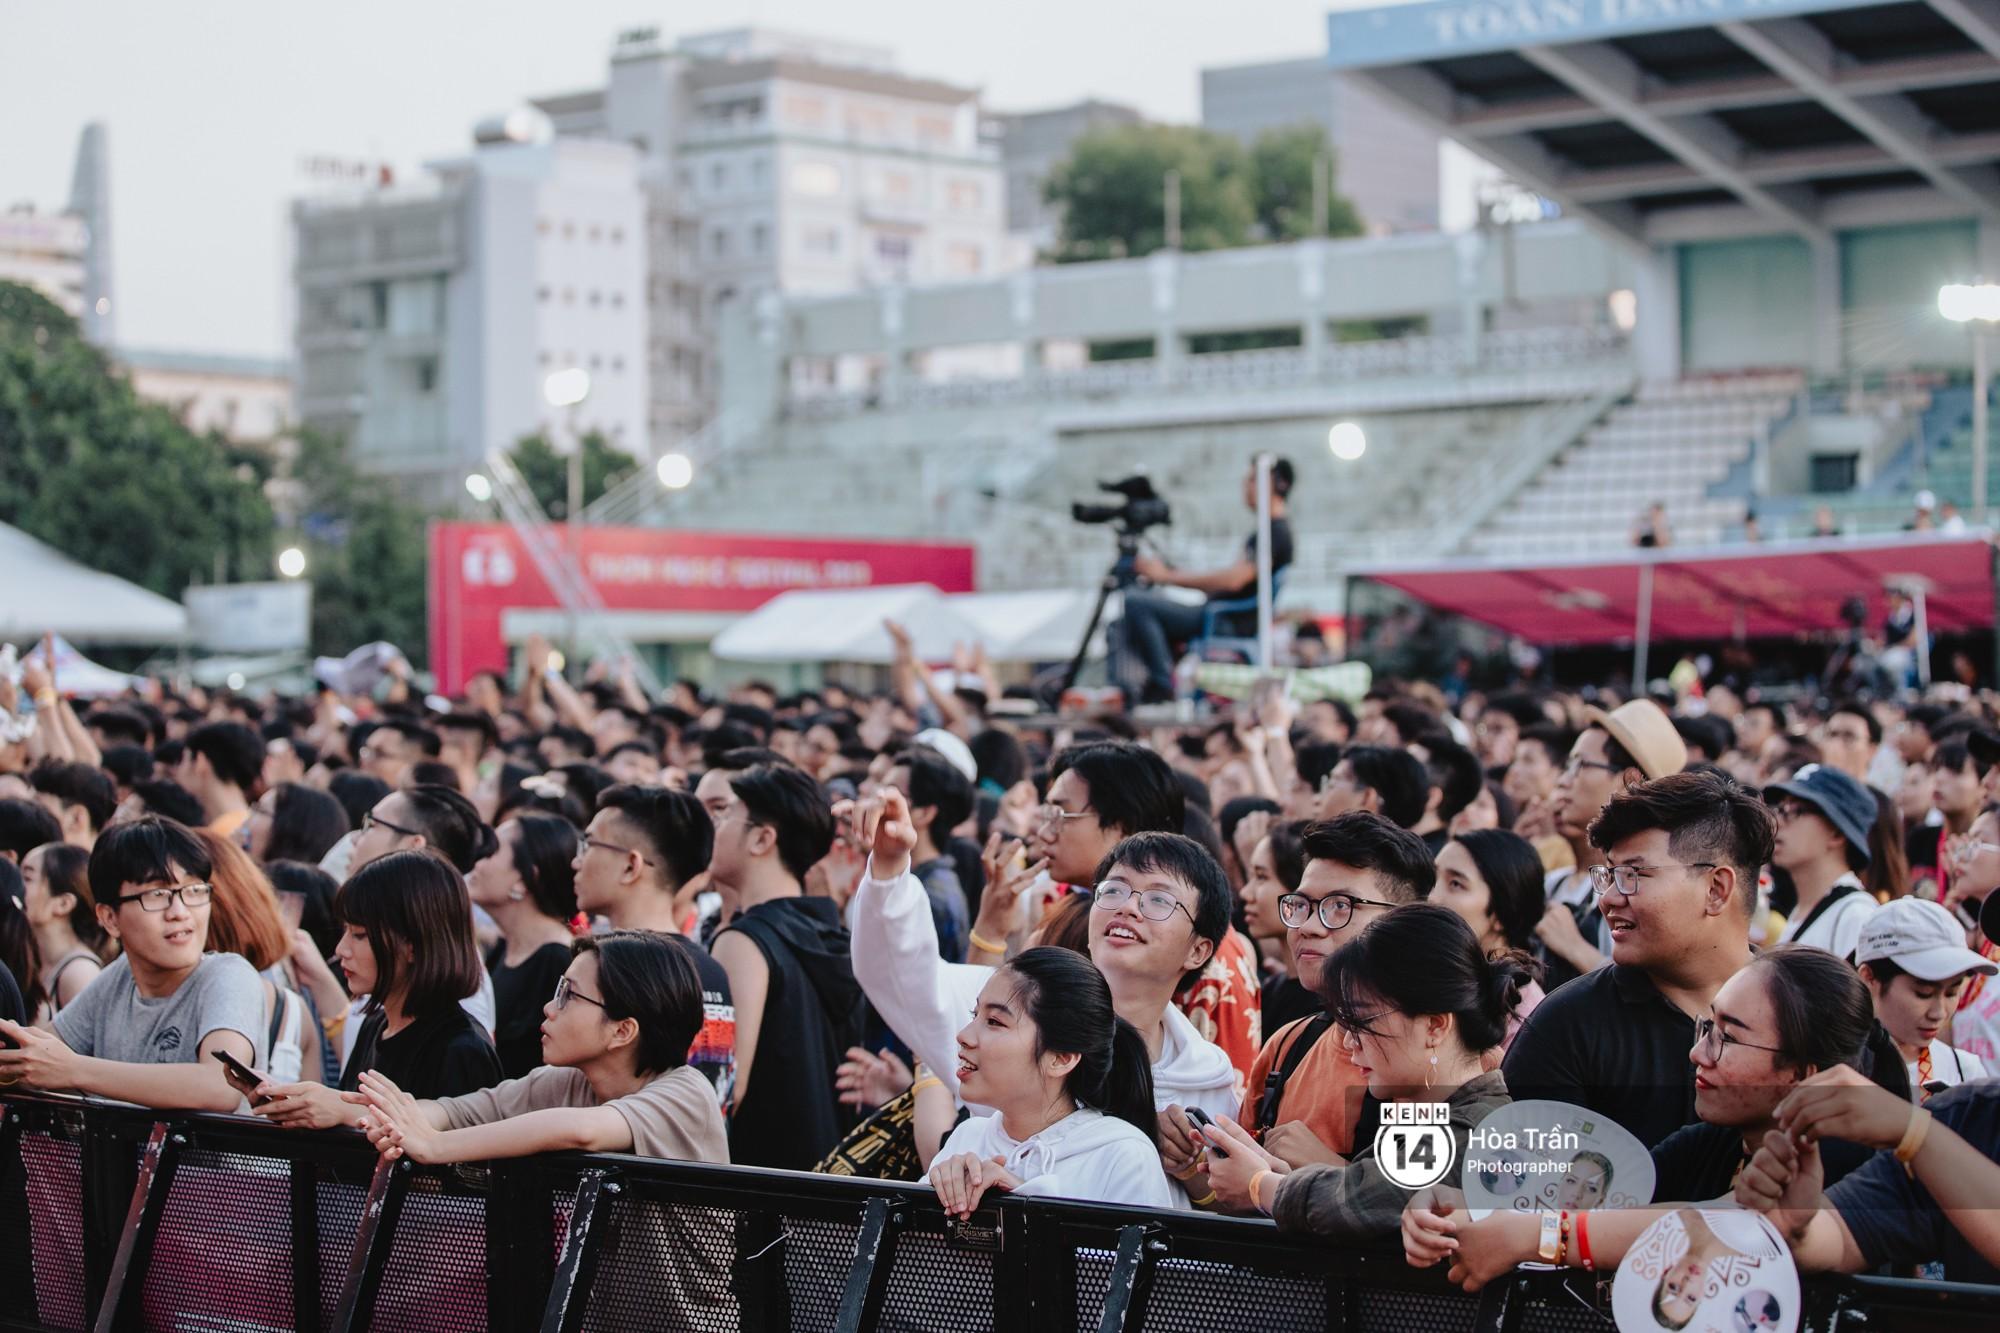 Giới trẻ Sài Gòn cùng loạt nghệ sĩ đình đám như Vũ, Đen Vâu, Suboi hoà mình vào bữa tiệc âm nhạc hoành tráng tại Thơm Music Festival - Ảnh 20.